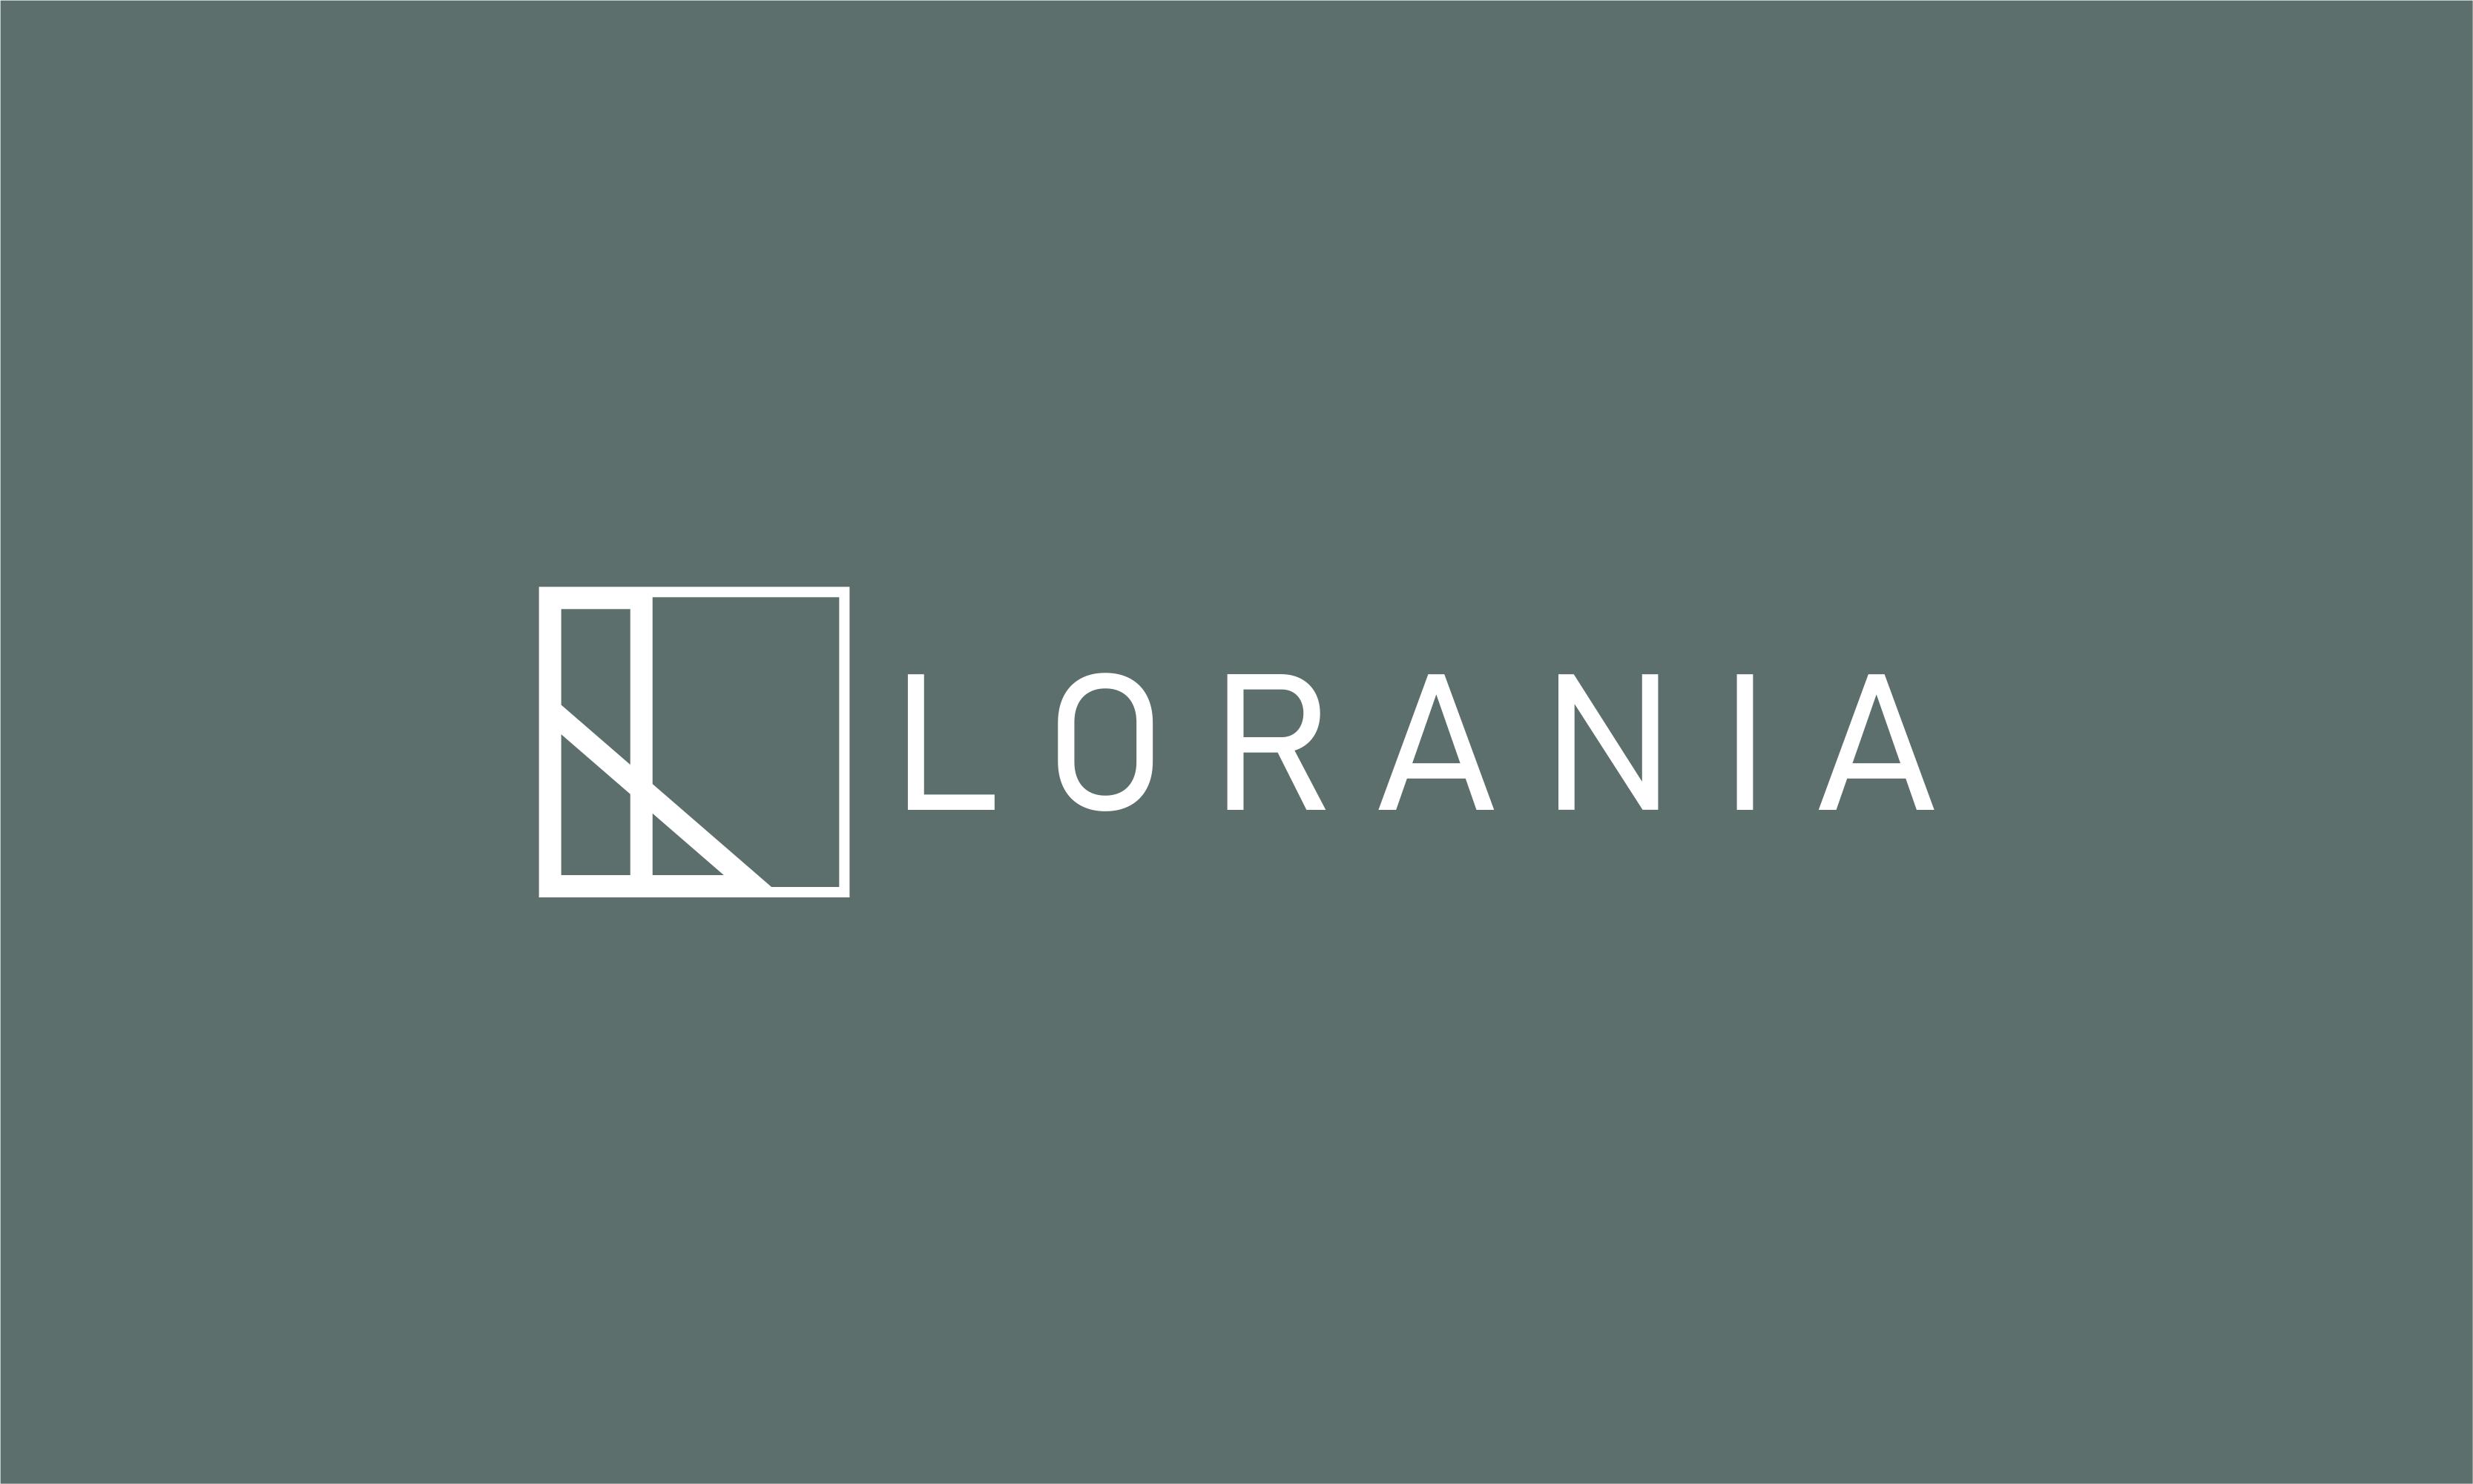 Lorania